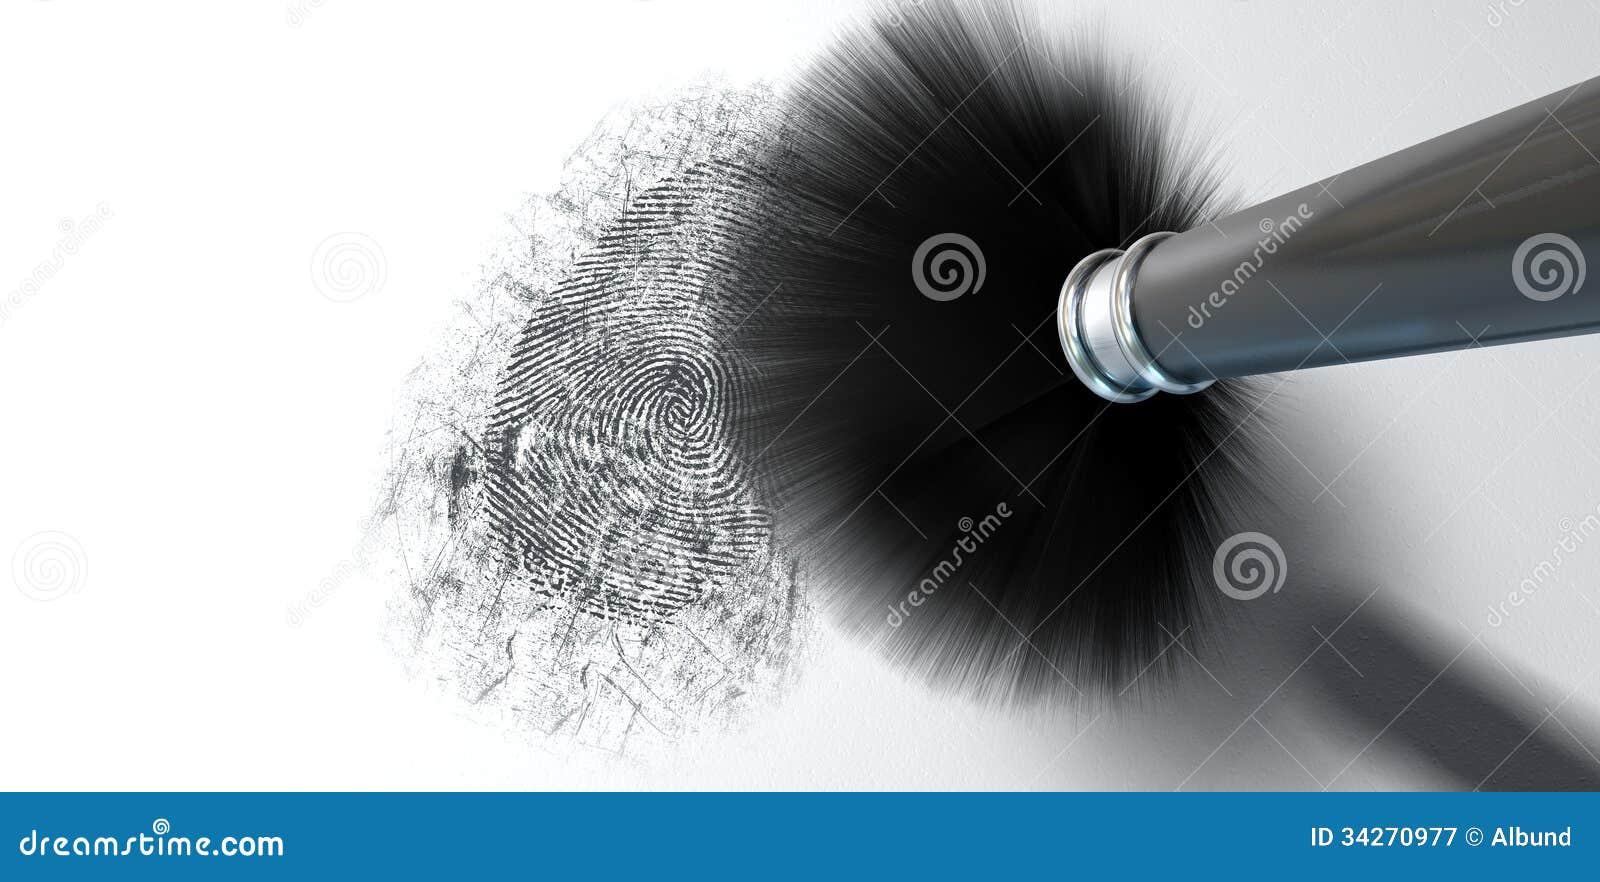 Espanar para impressões digitais no branco